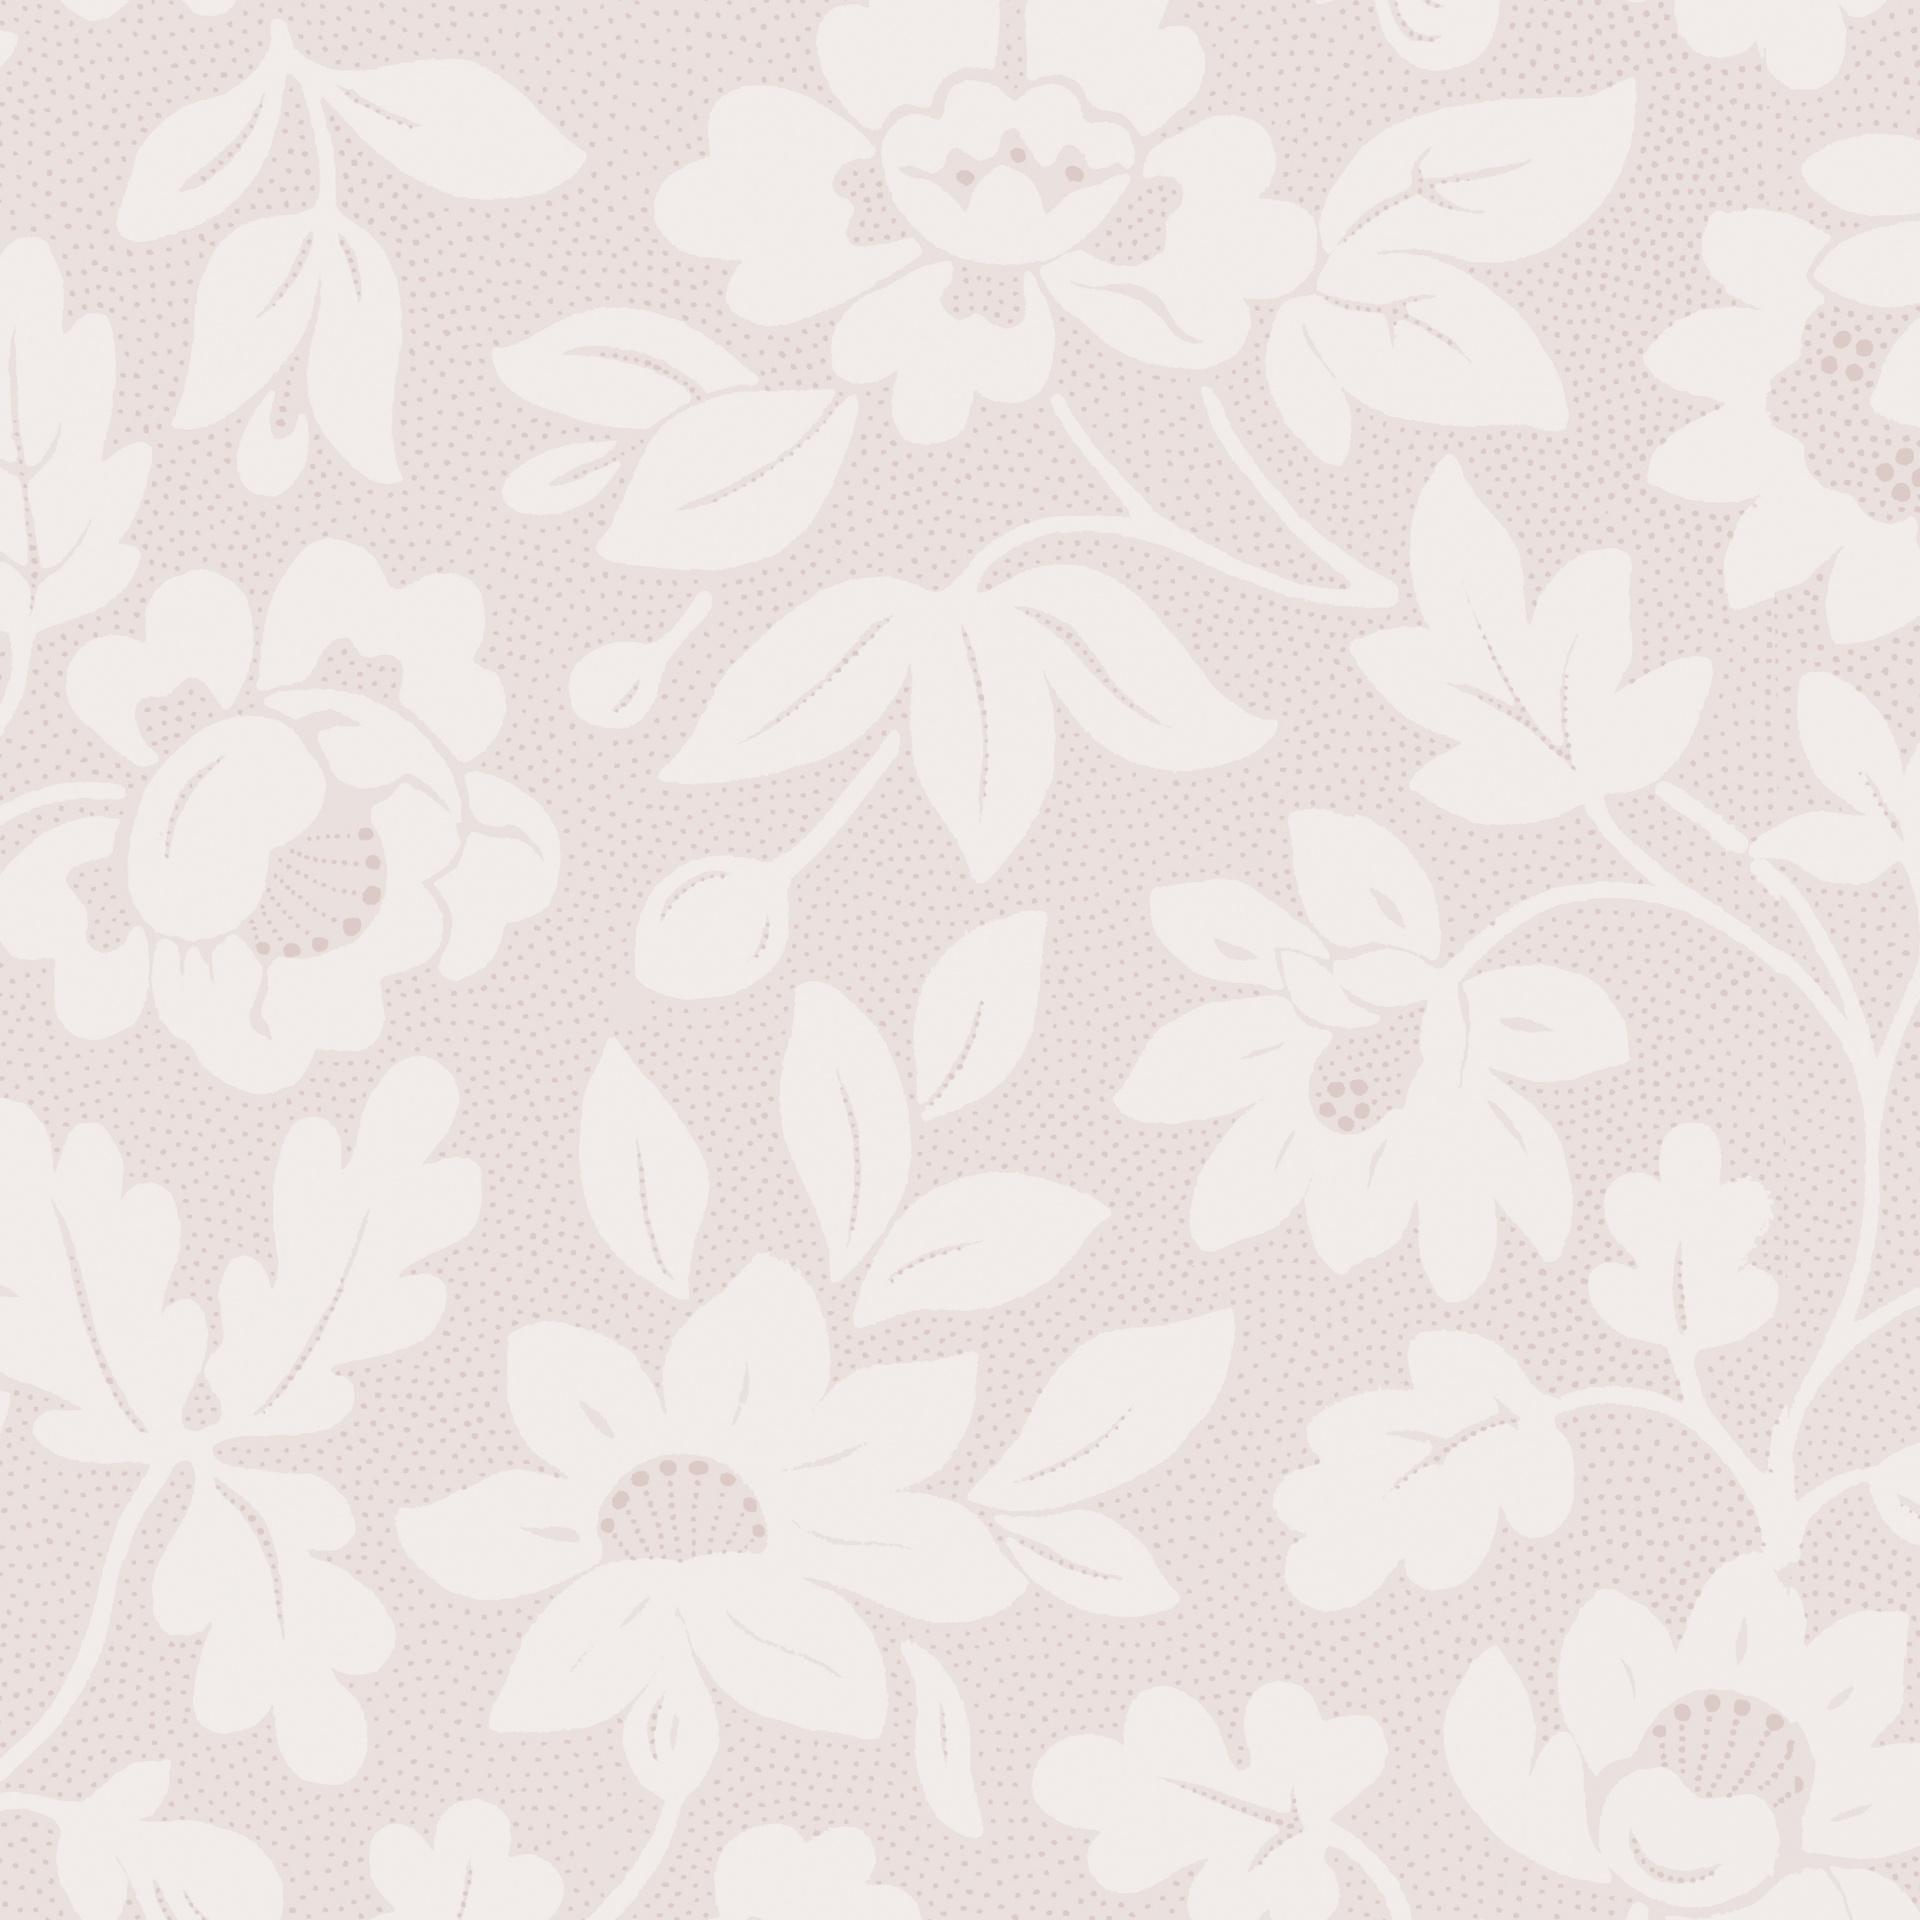 【印刷可能無料】 Wallpaper 壁紙 背景 圖 - 1080P,2K,4K,5K HD壁紙無料ダウンロード